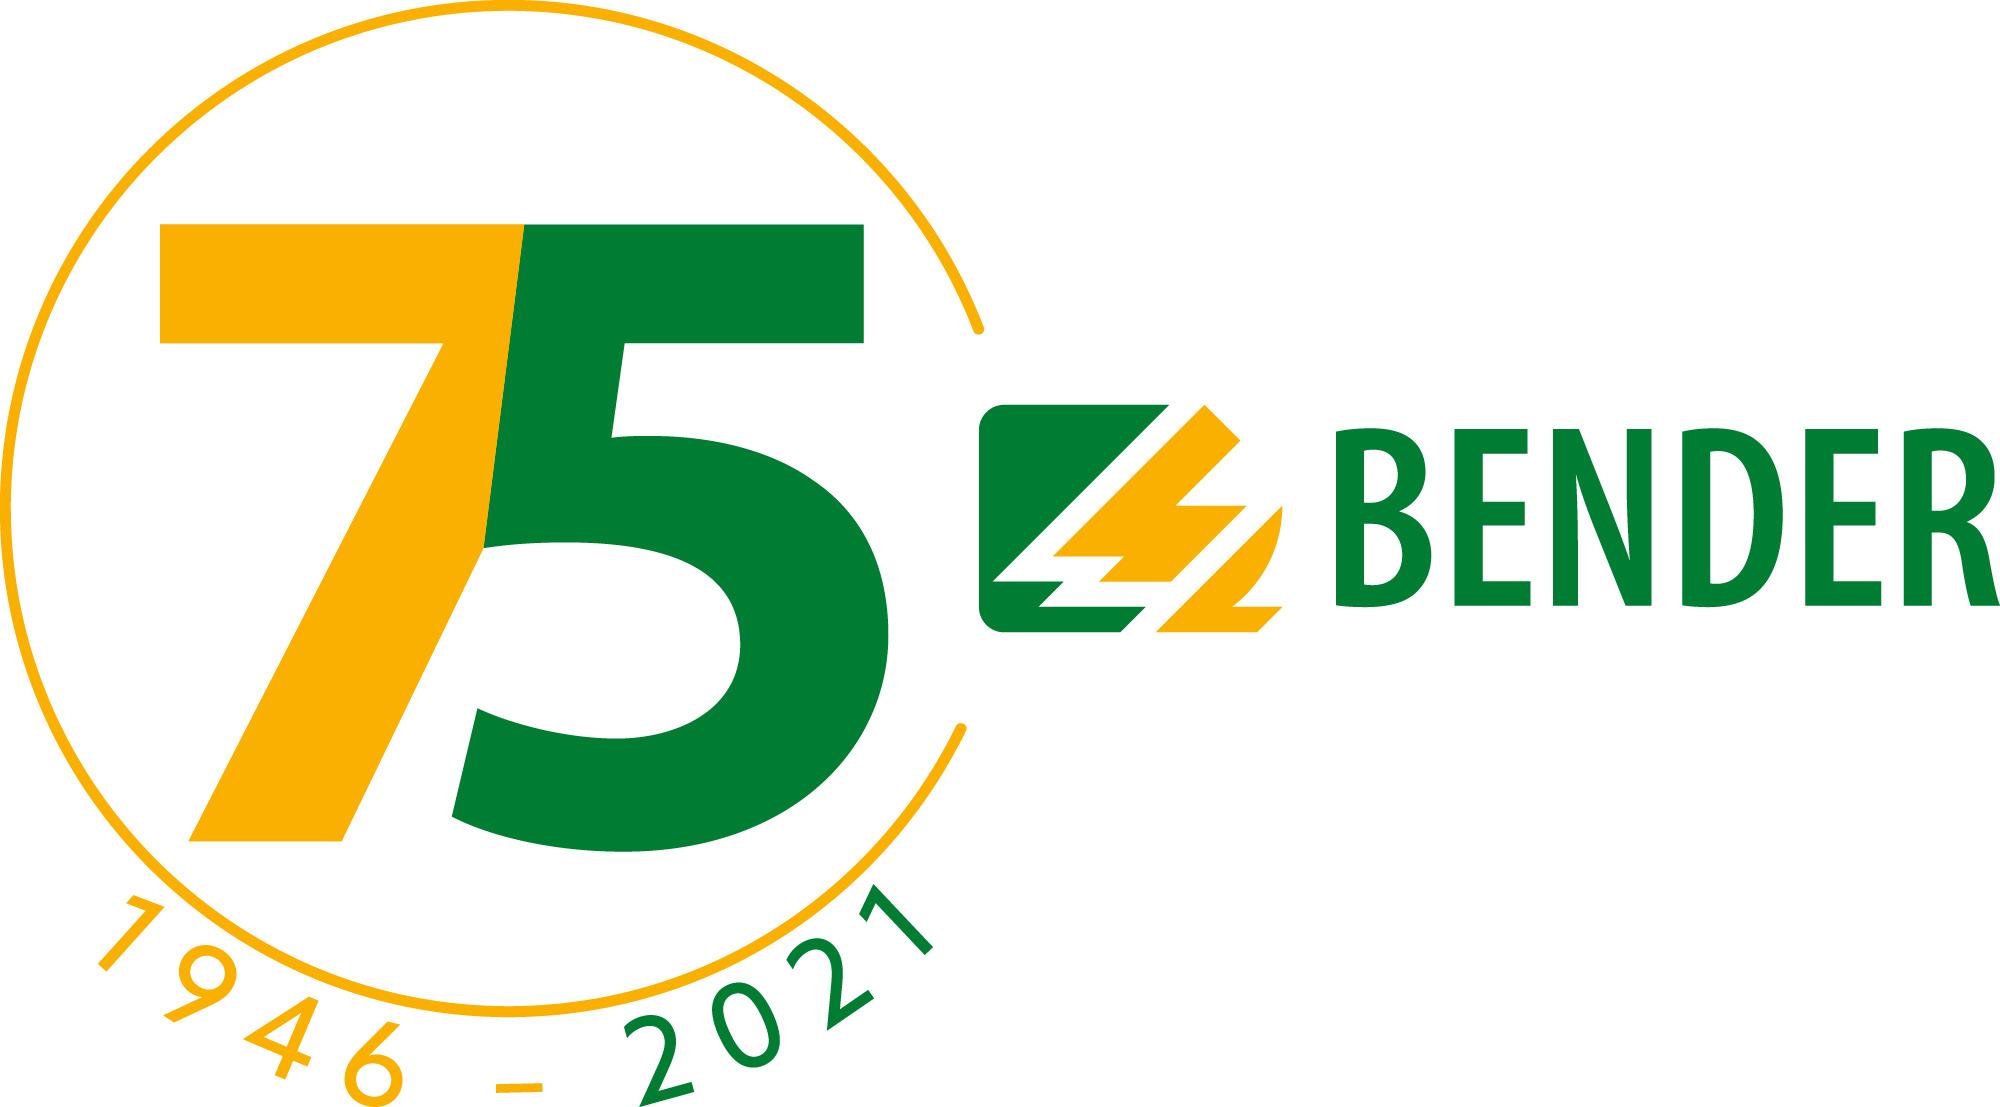 Bender feiert 75-jähriges Firmenjubiläum